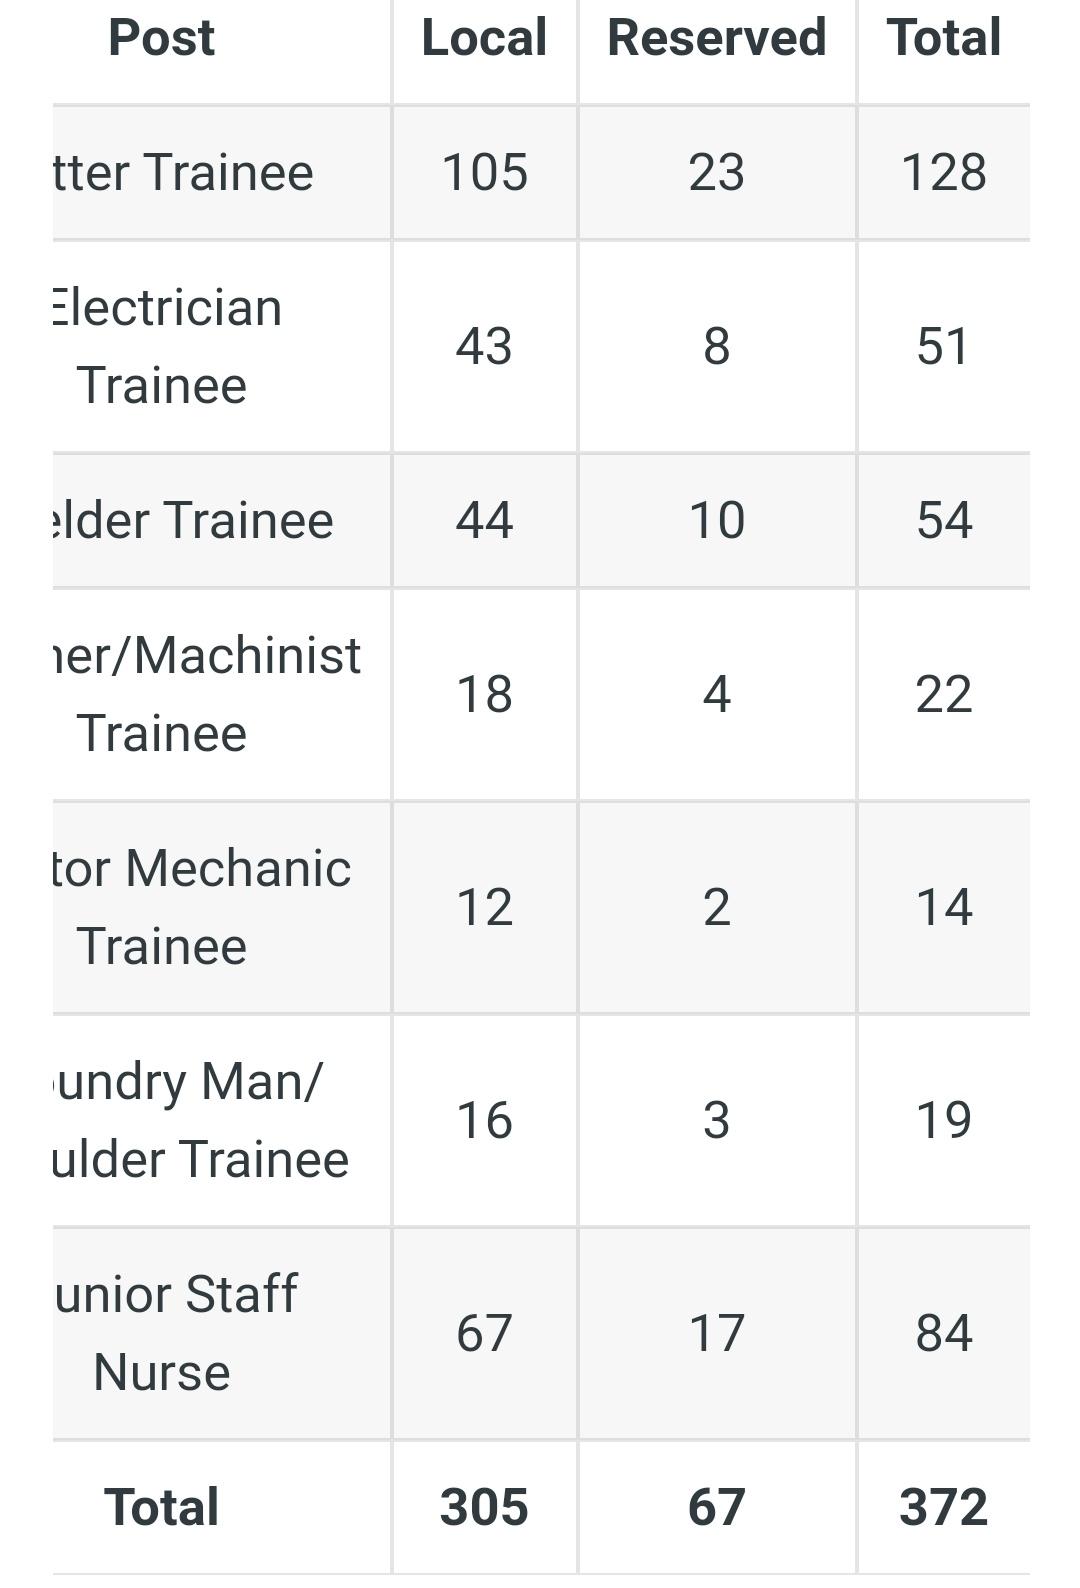 SCCL भर्ती: 372 नौकरीयों के लिए आवेदन आमंत्रित! 1